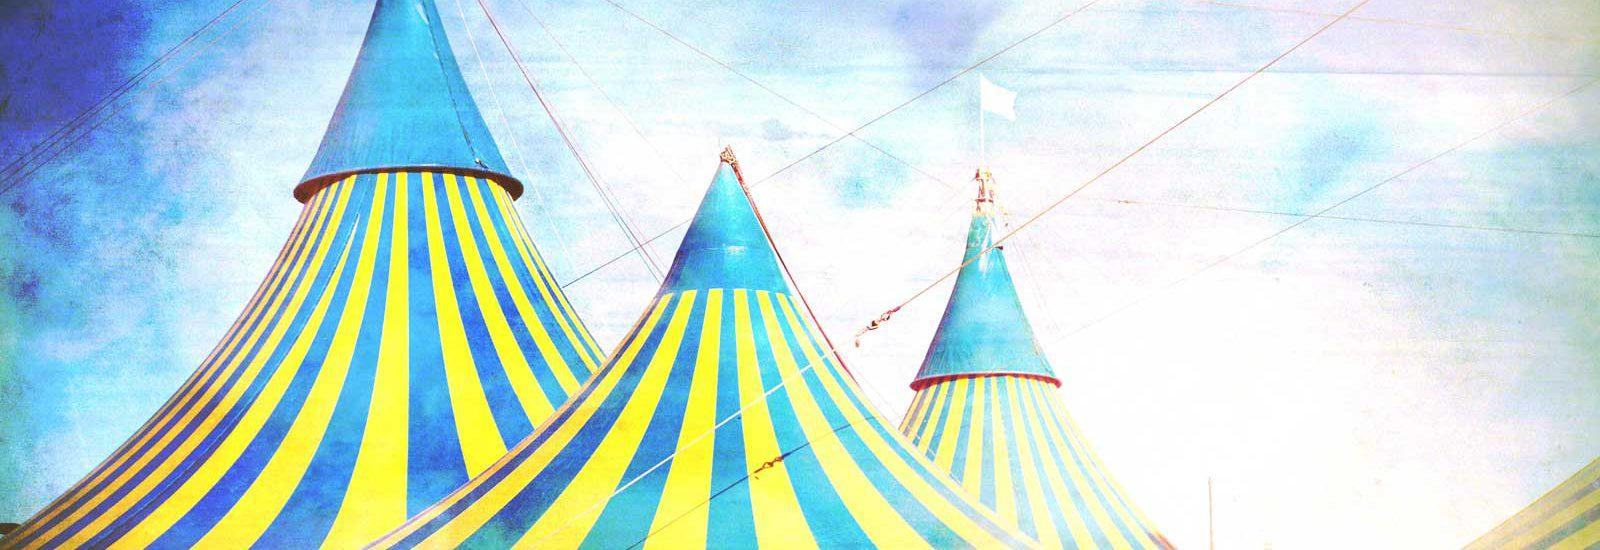 קופירייטינג - 3 אוהלי קרקס